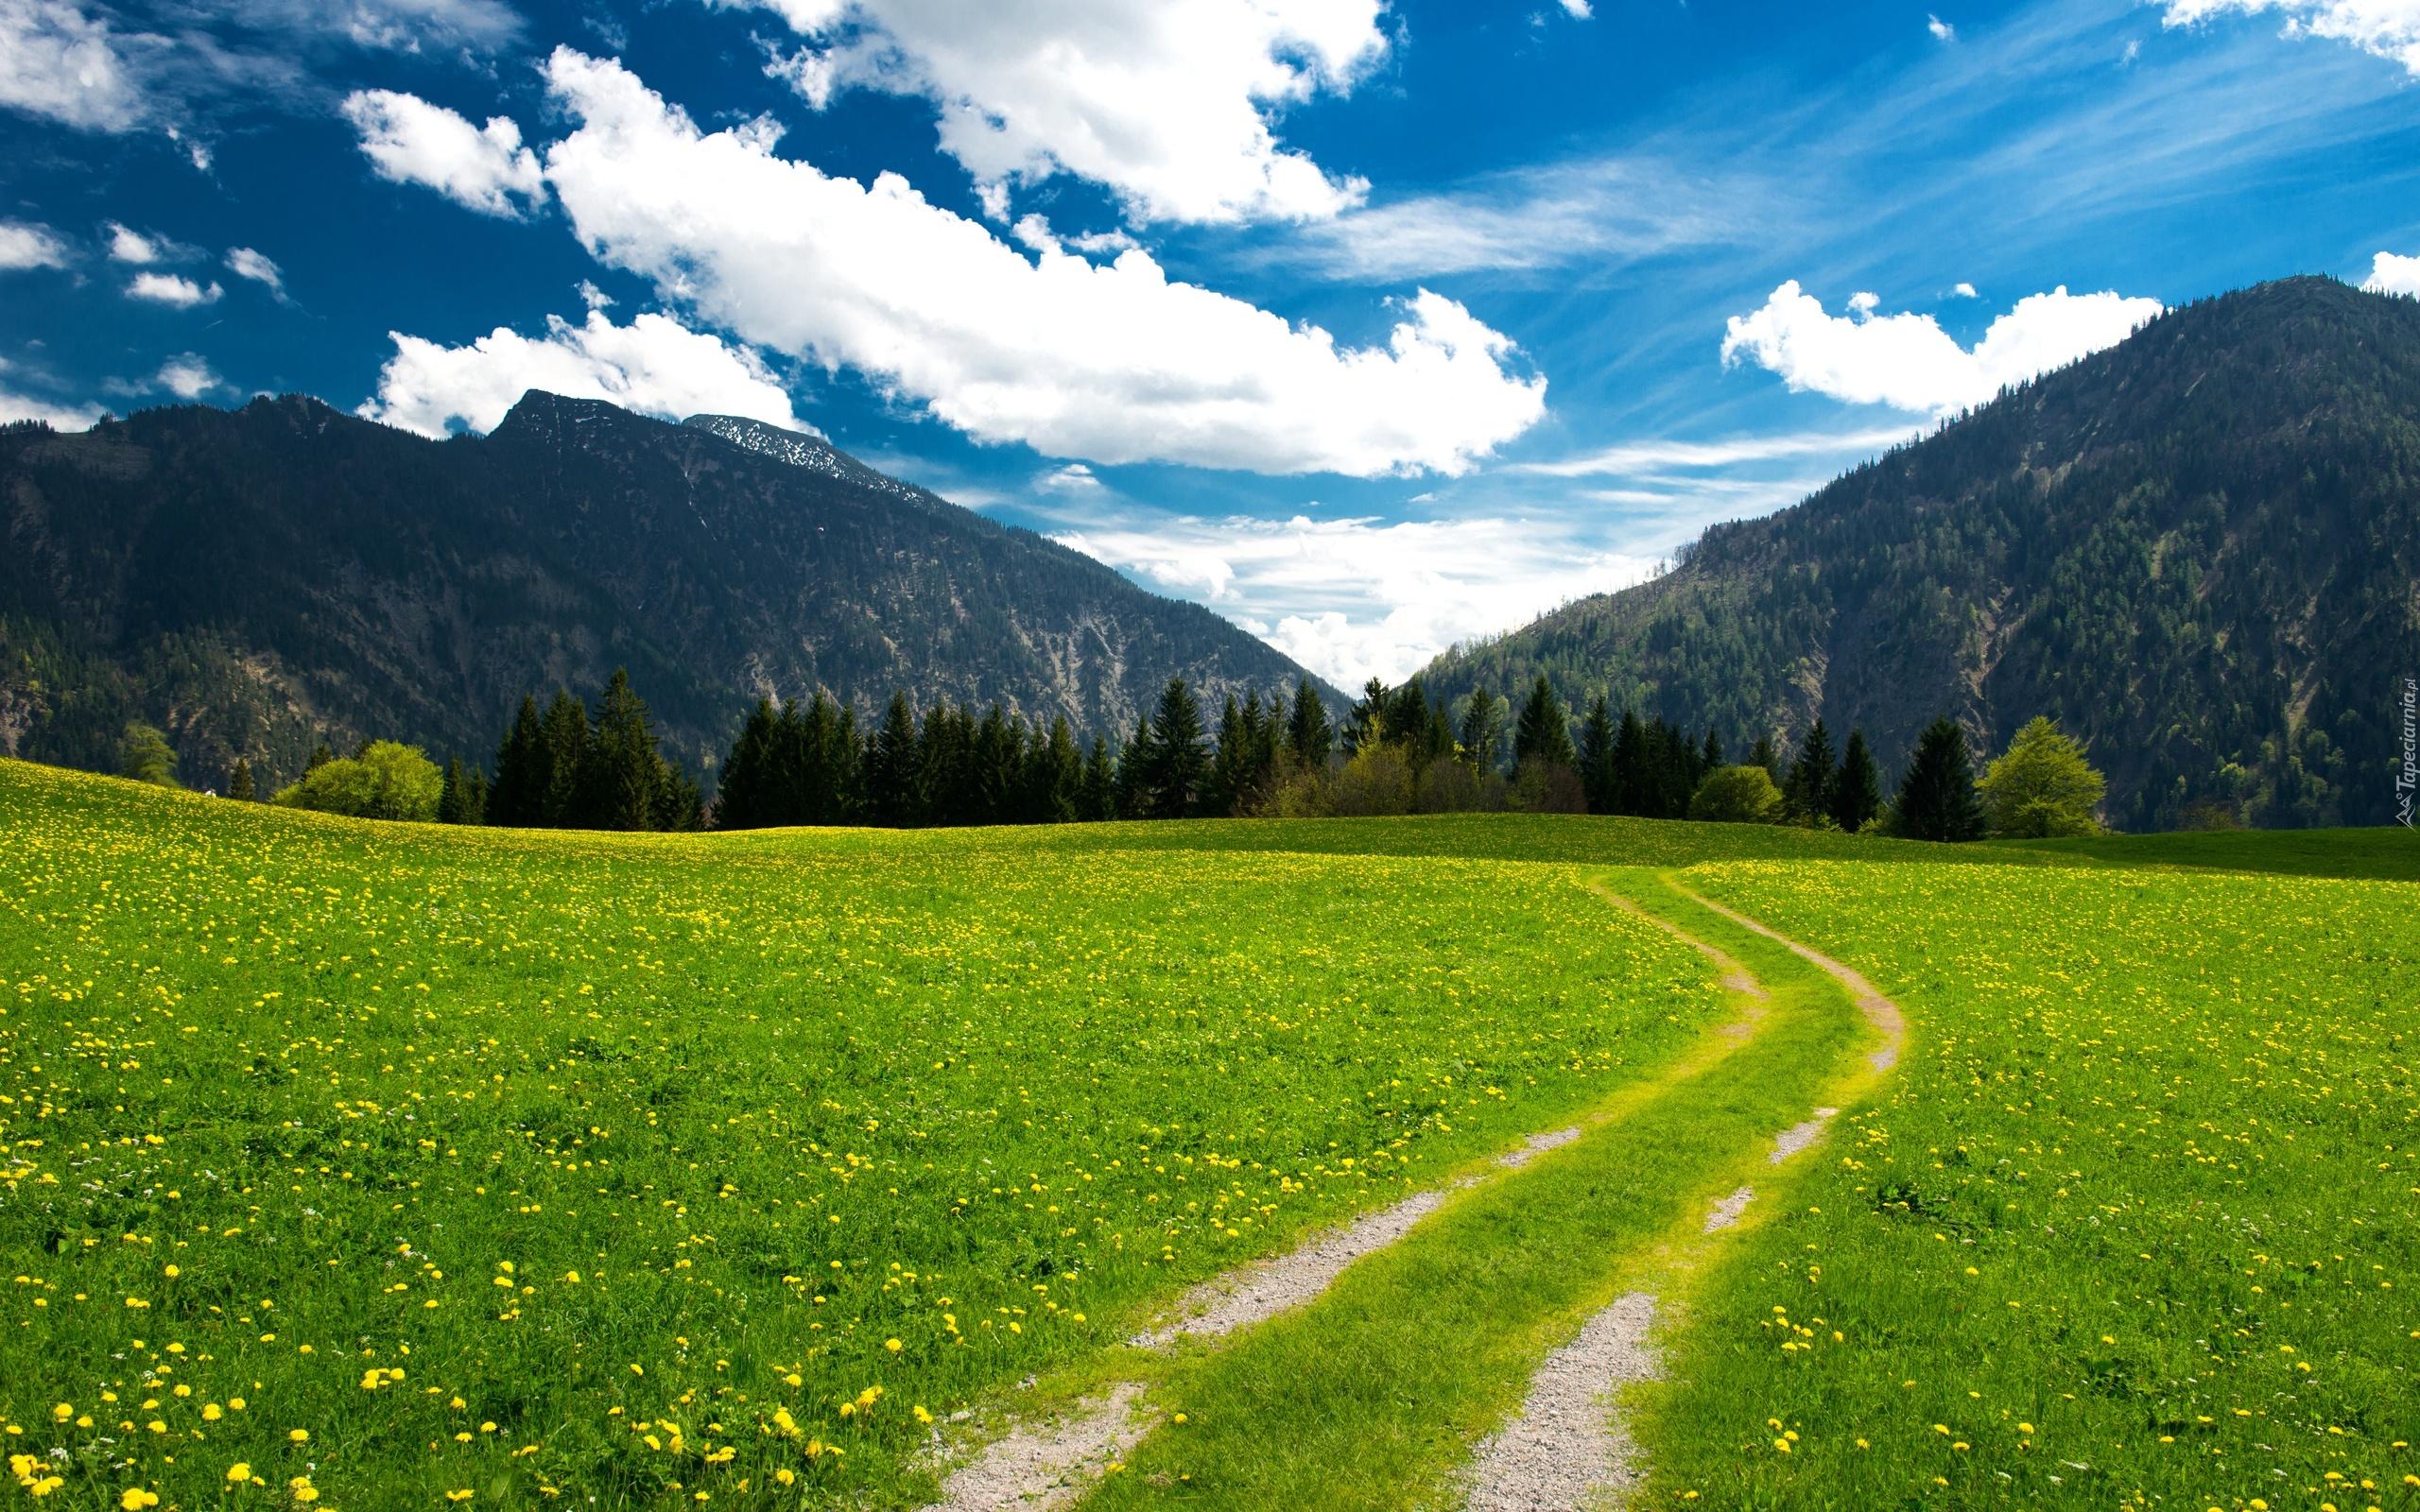 Alpy, Bawarskie, Droga, Łąki, Kwiaty, Lasy